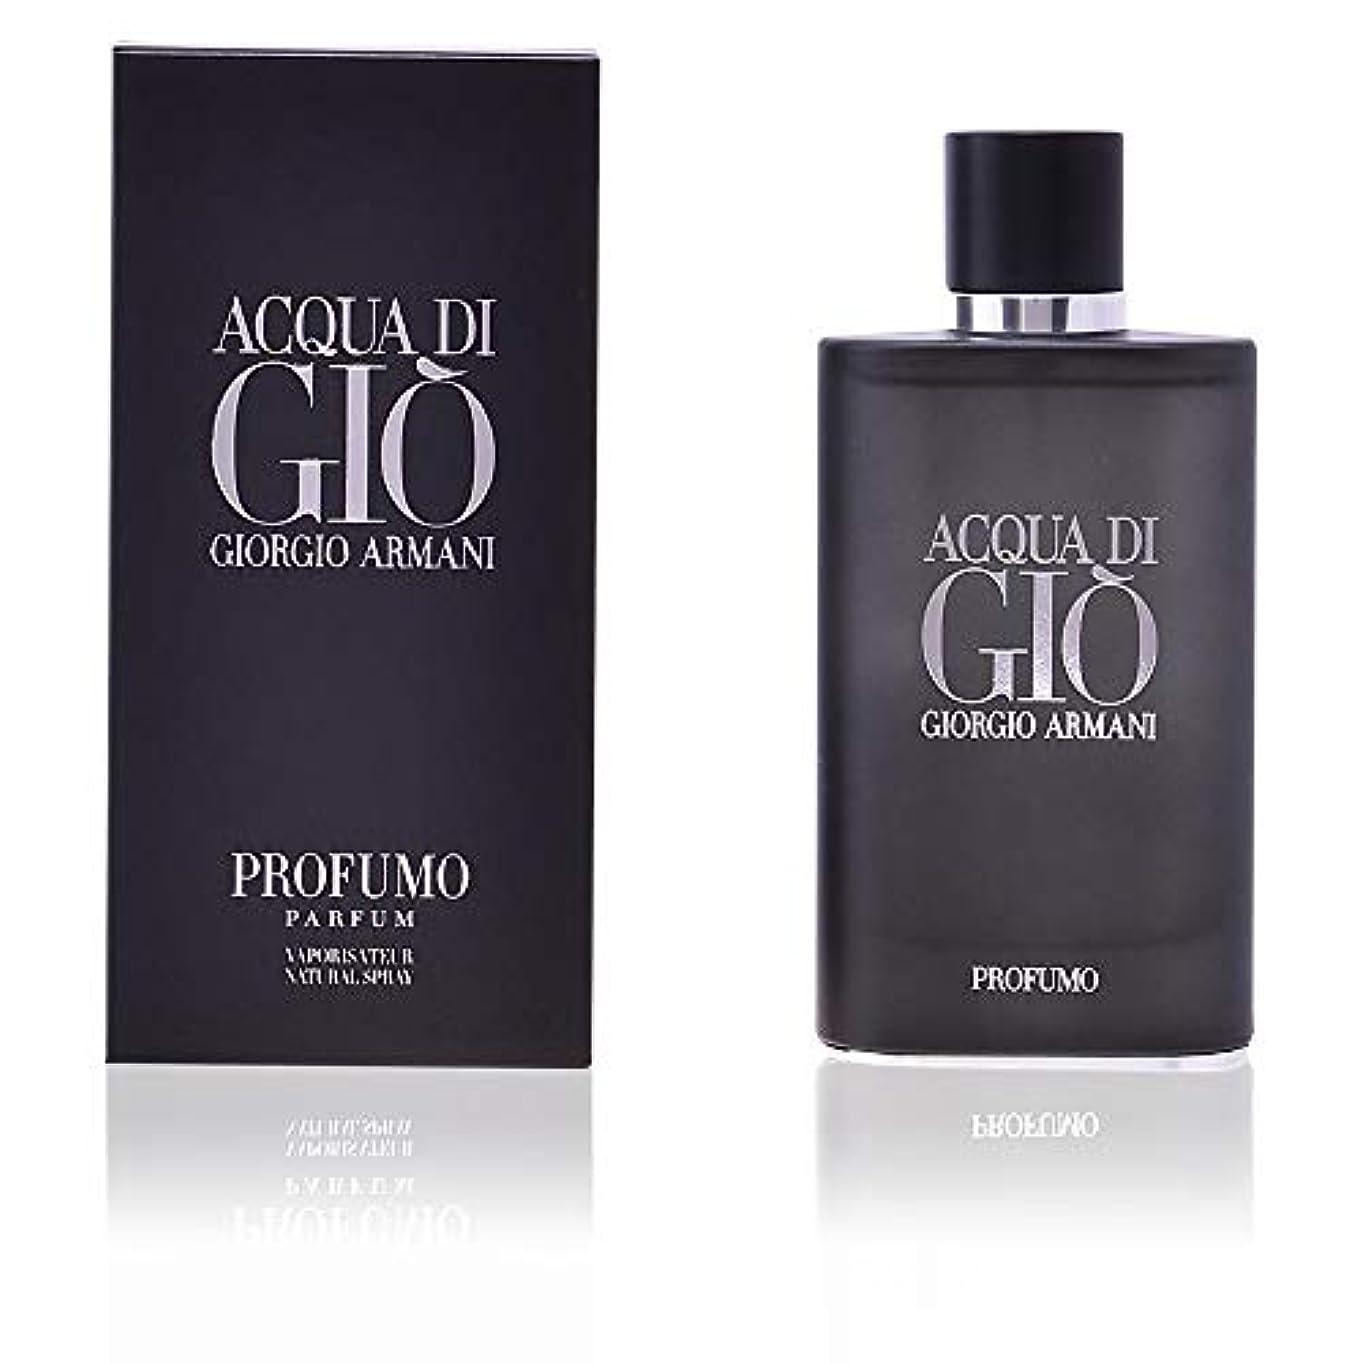 ジョルジオアルマーニ Acqua Di Gio Profumo Parfum Spray 75ml [海外直送品]